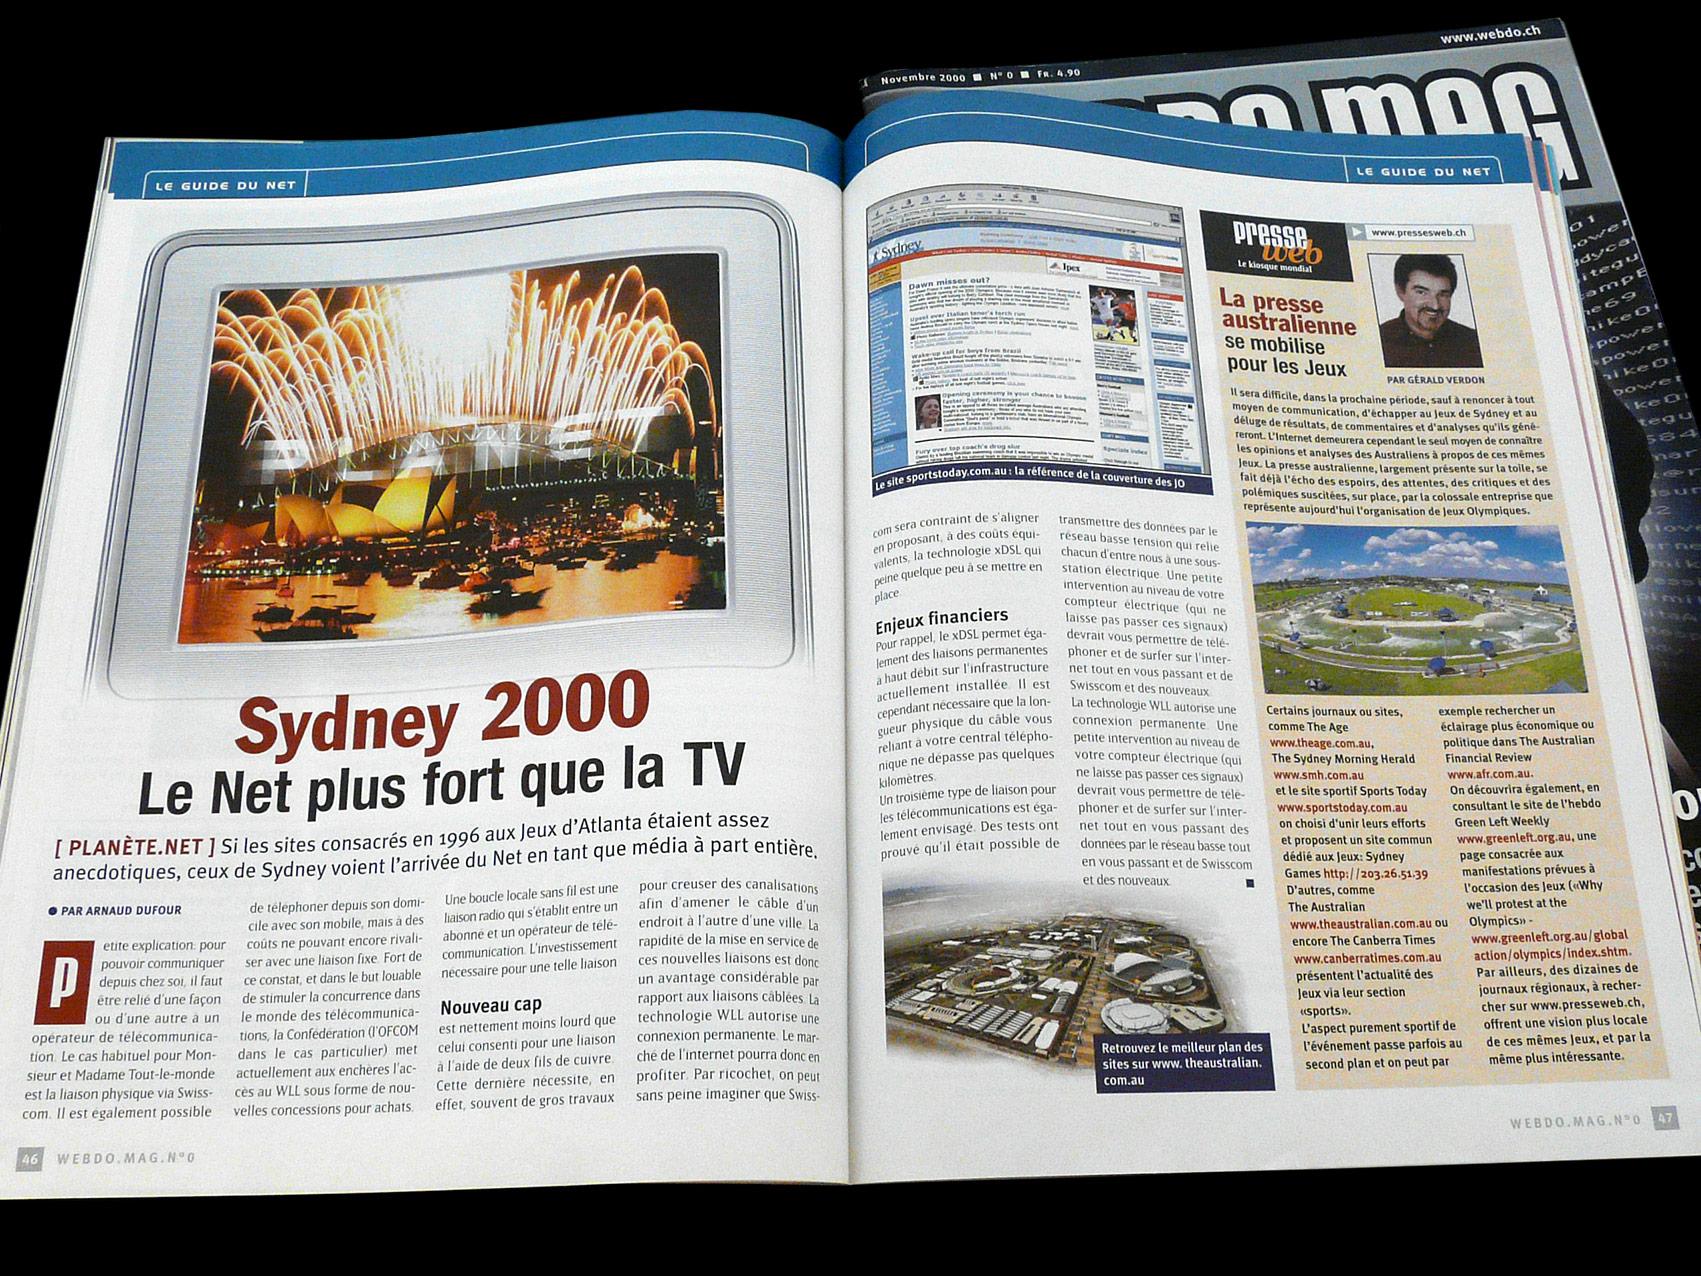 Magazine Webdomag - Création sur concours du numéro zéro double Jeux Olympiques